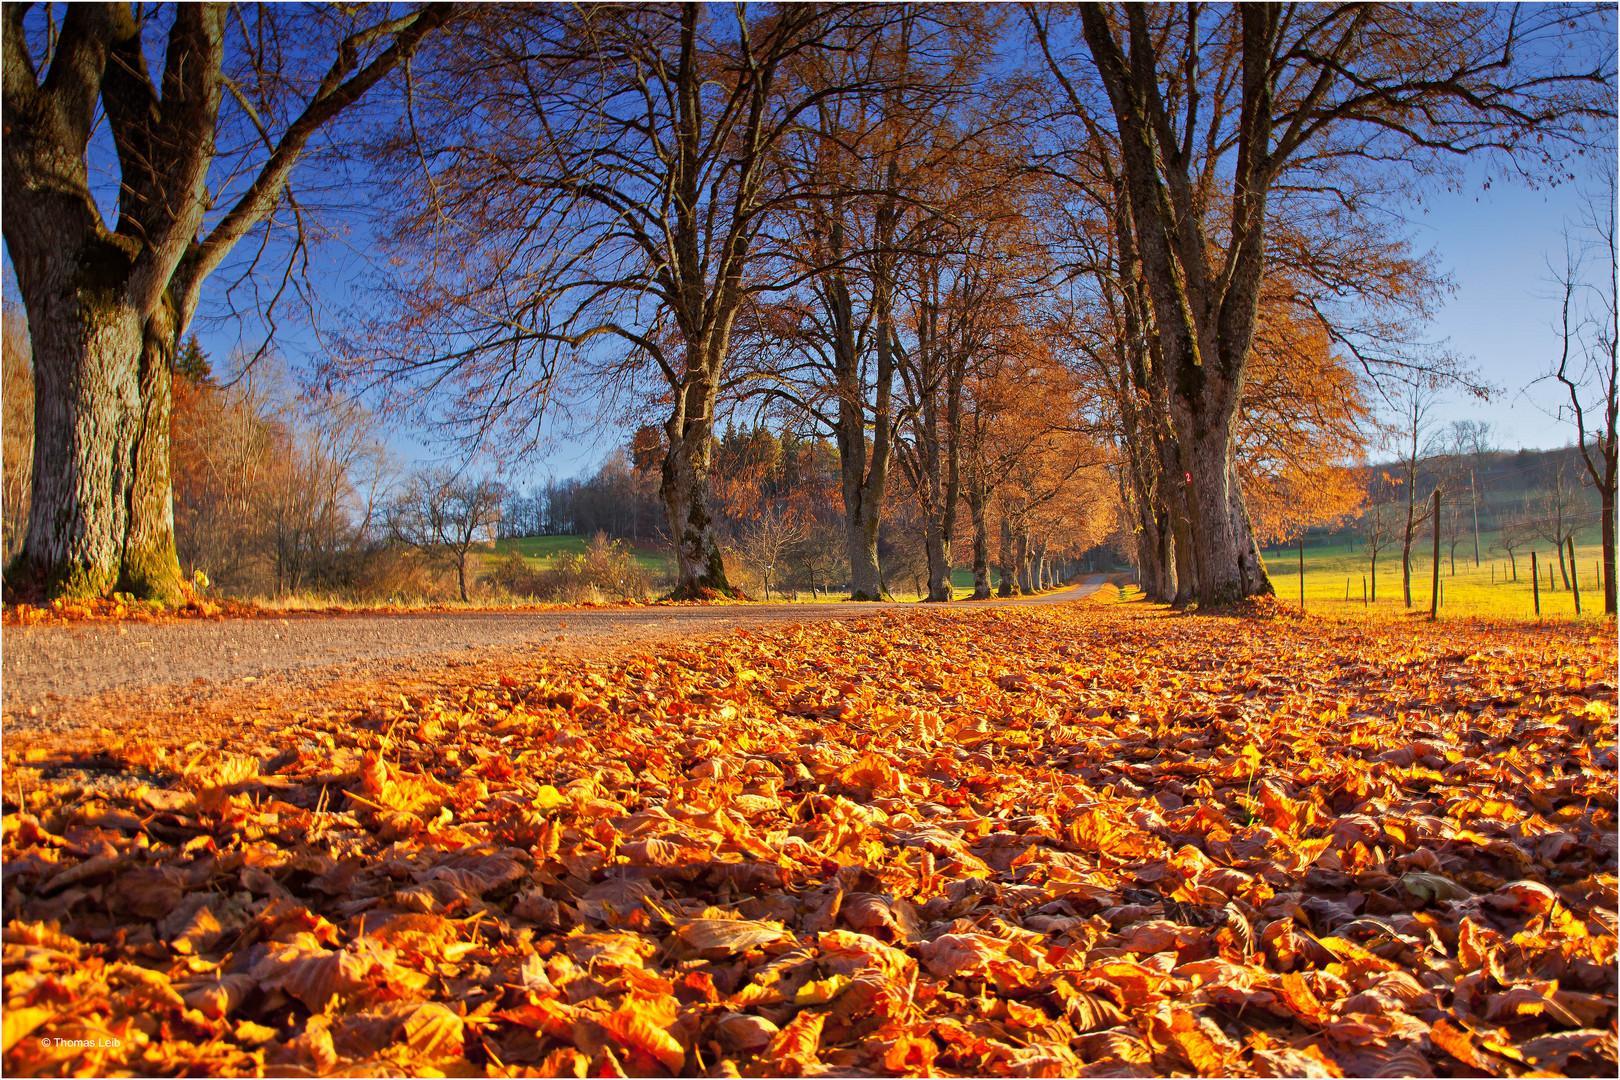 Goldener Herbst auf der schwäbischen Alb 2